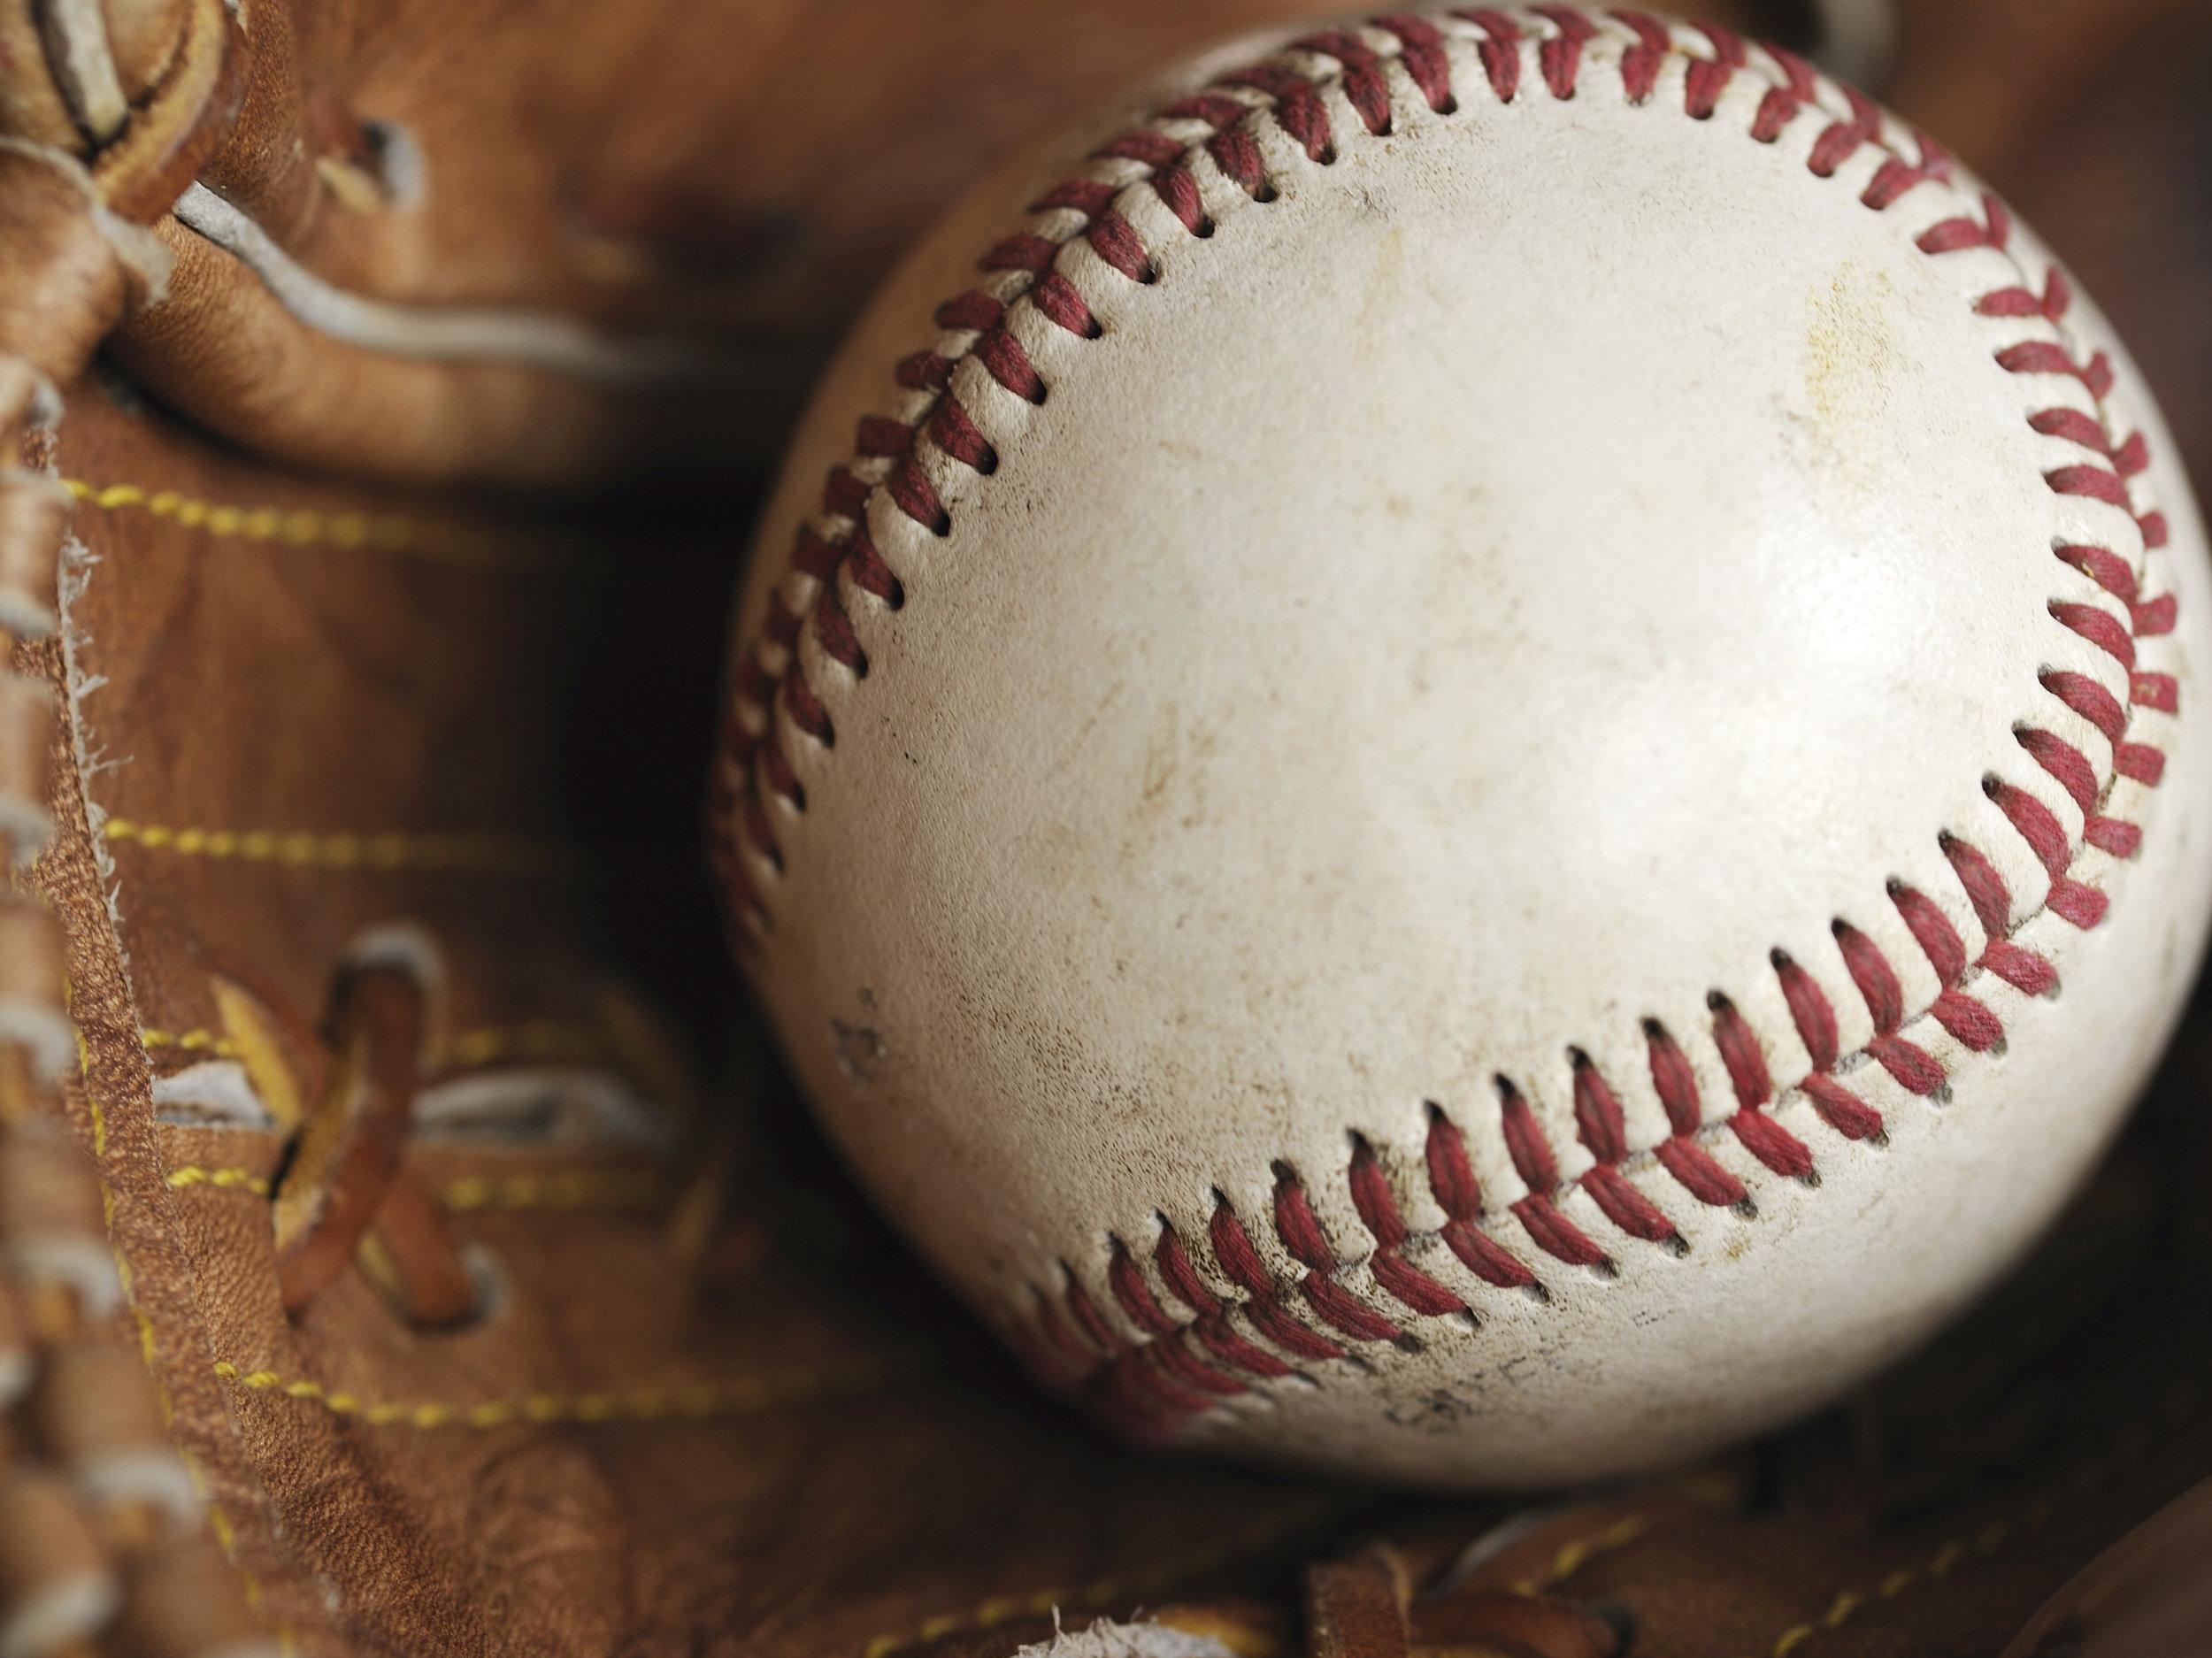 baseball_8467cn.jpg